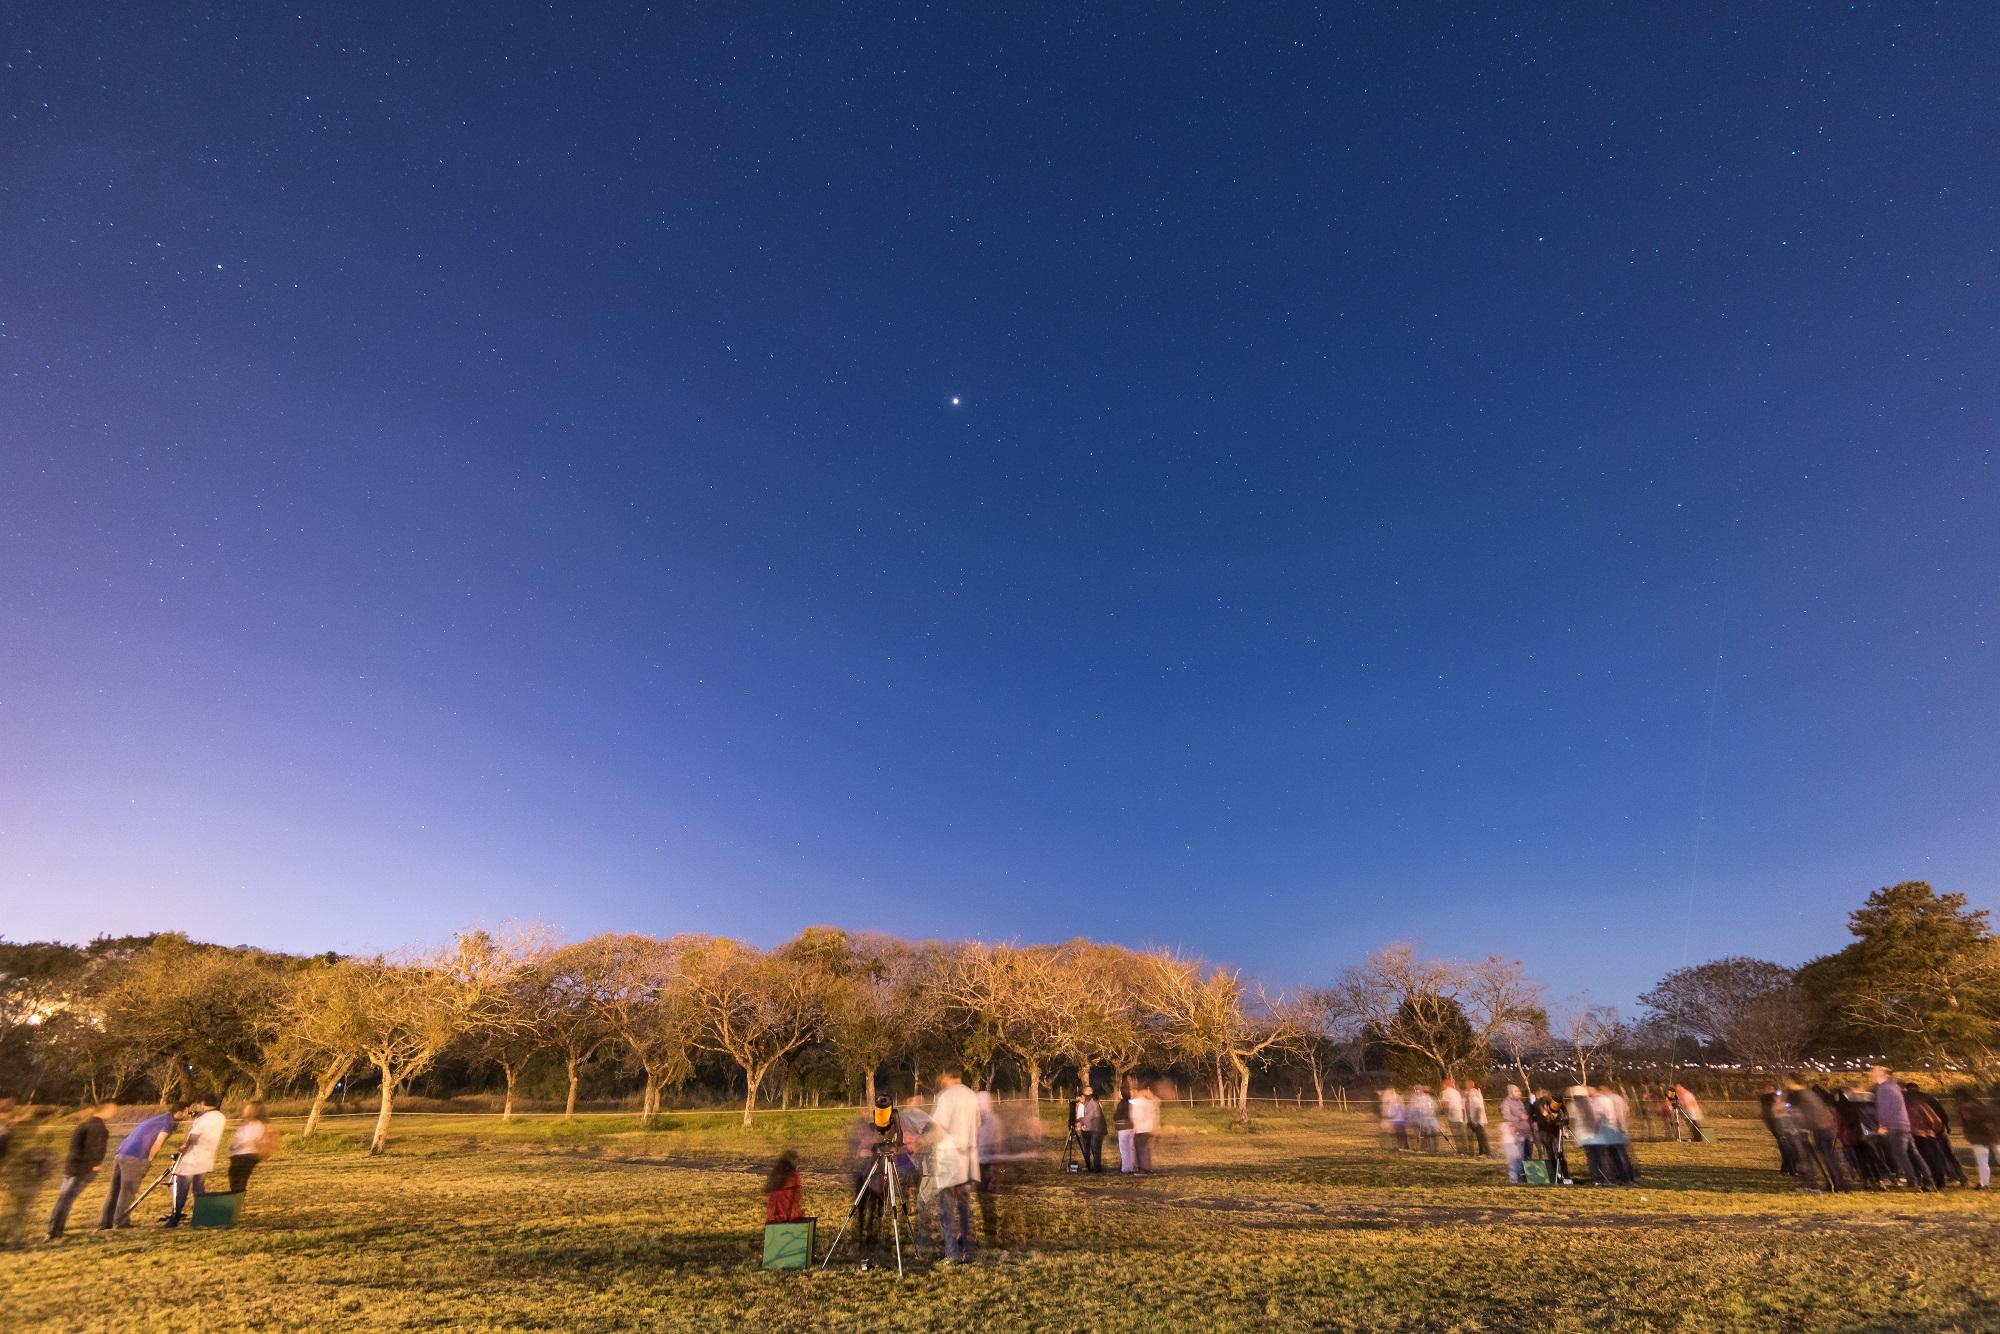 Parque da Ciência tem observação de estrelas e planetas nesta quarta-feira (12)